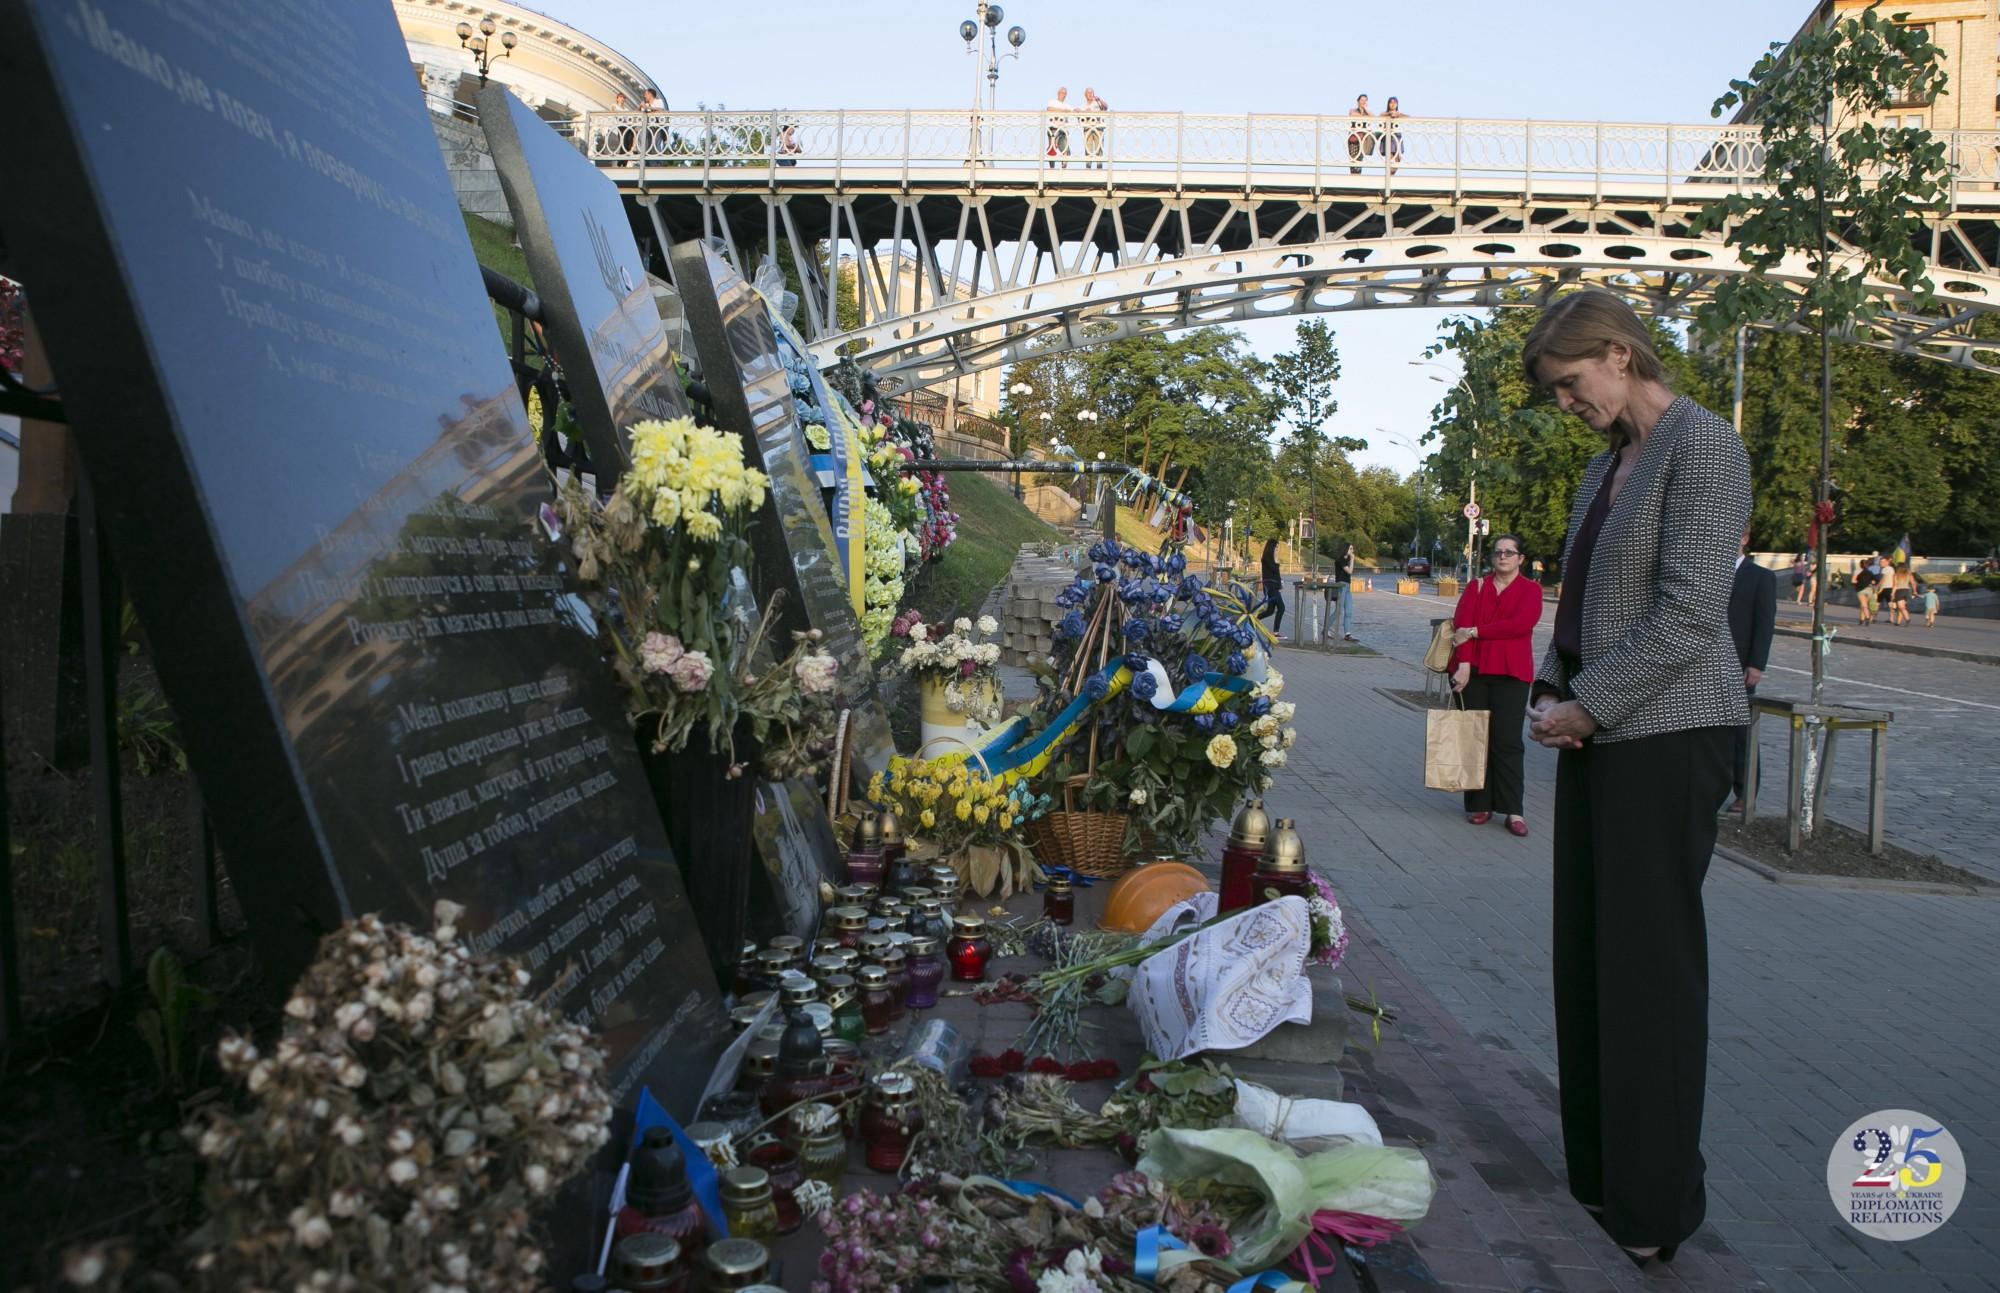 Саманта Пауэр, Посол США в ООН, отдает дань погибшим во время Революции достоинства в Украине, Киев, в 2015 году.